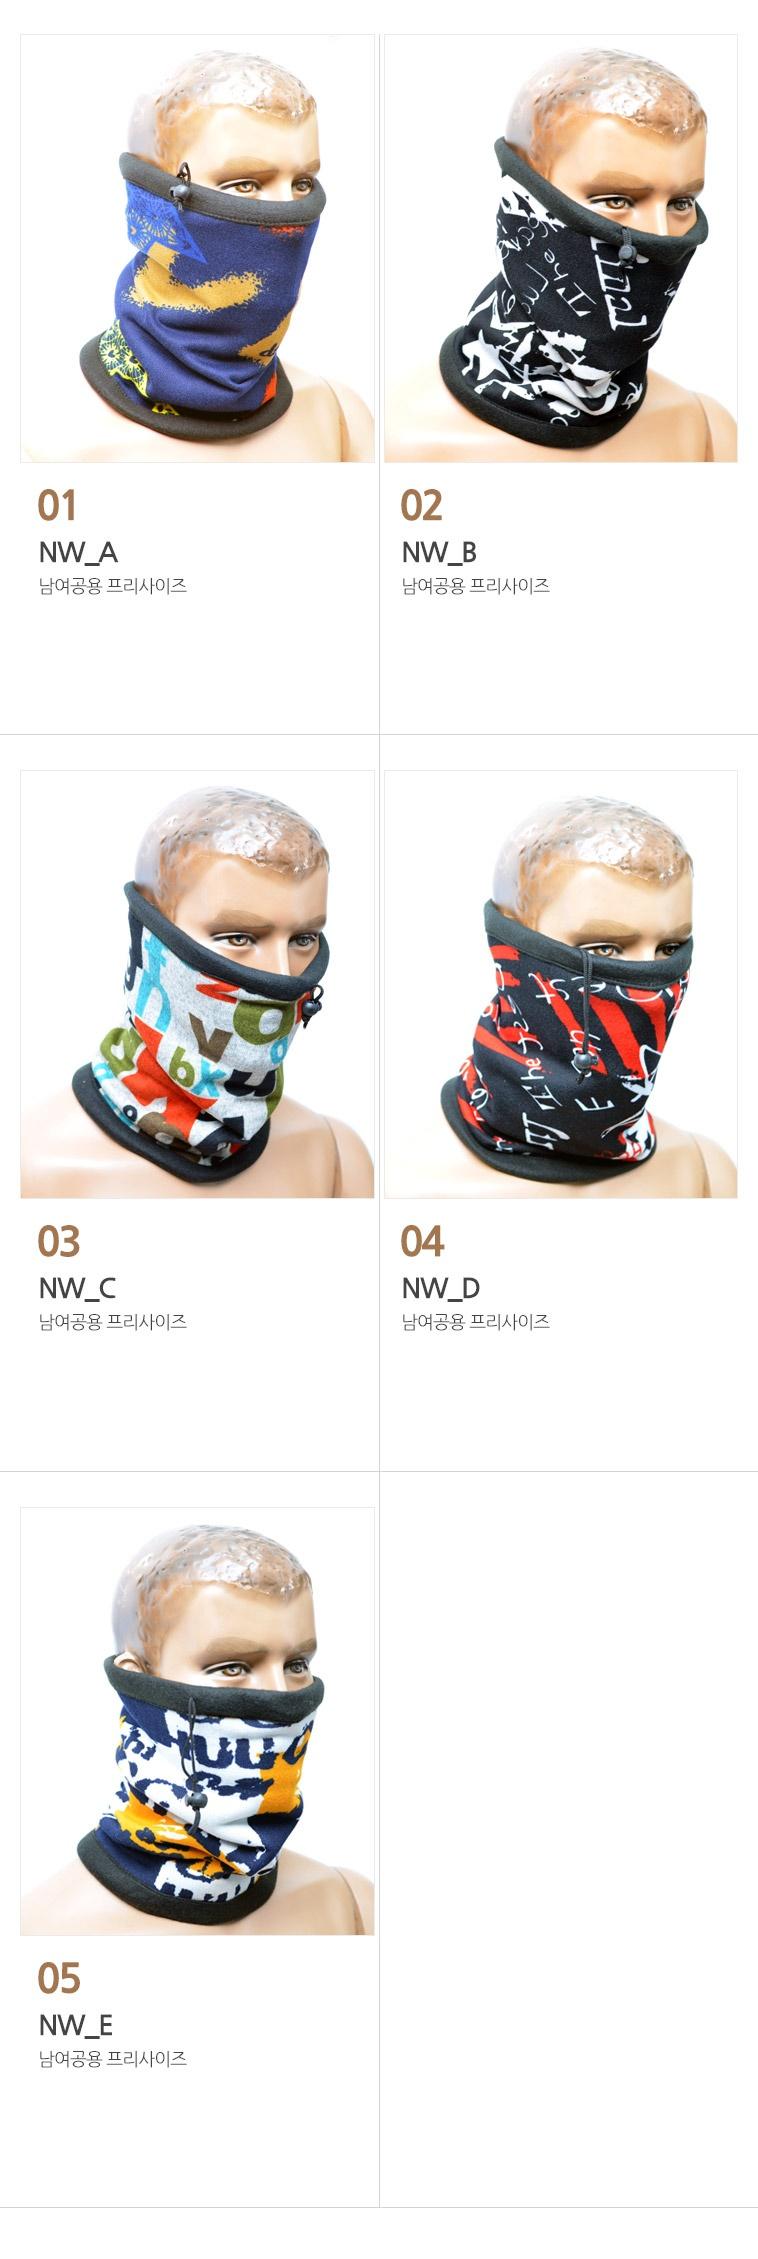 넥워머 5종 끈조절 슬레진저 - 쿠닌, 6,100원, 귀마개/워머/마스크, 넥워머